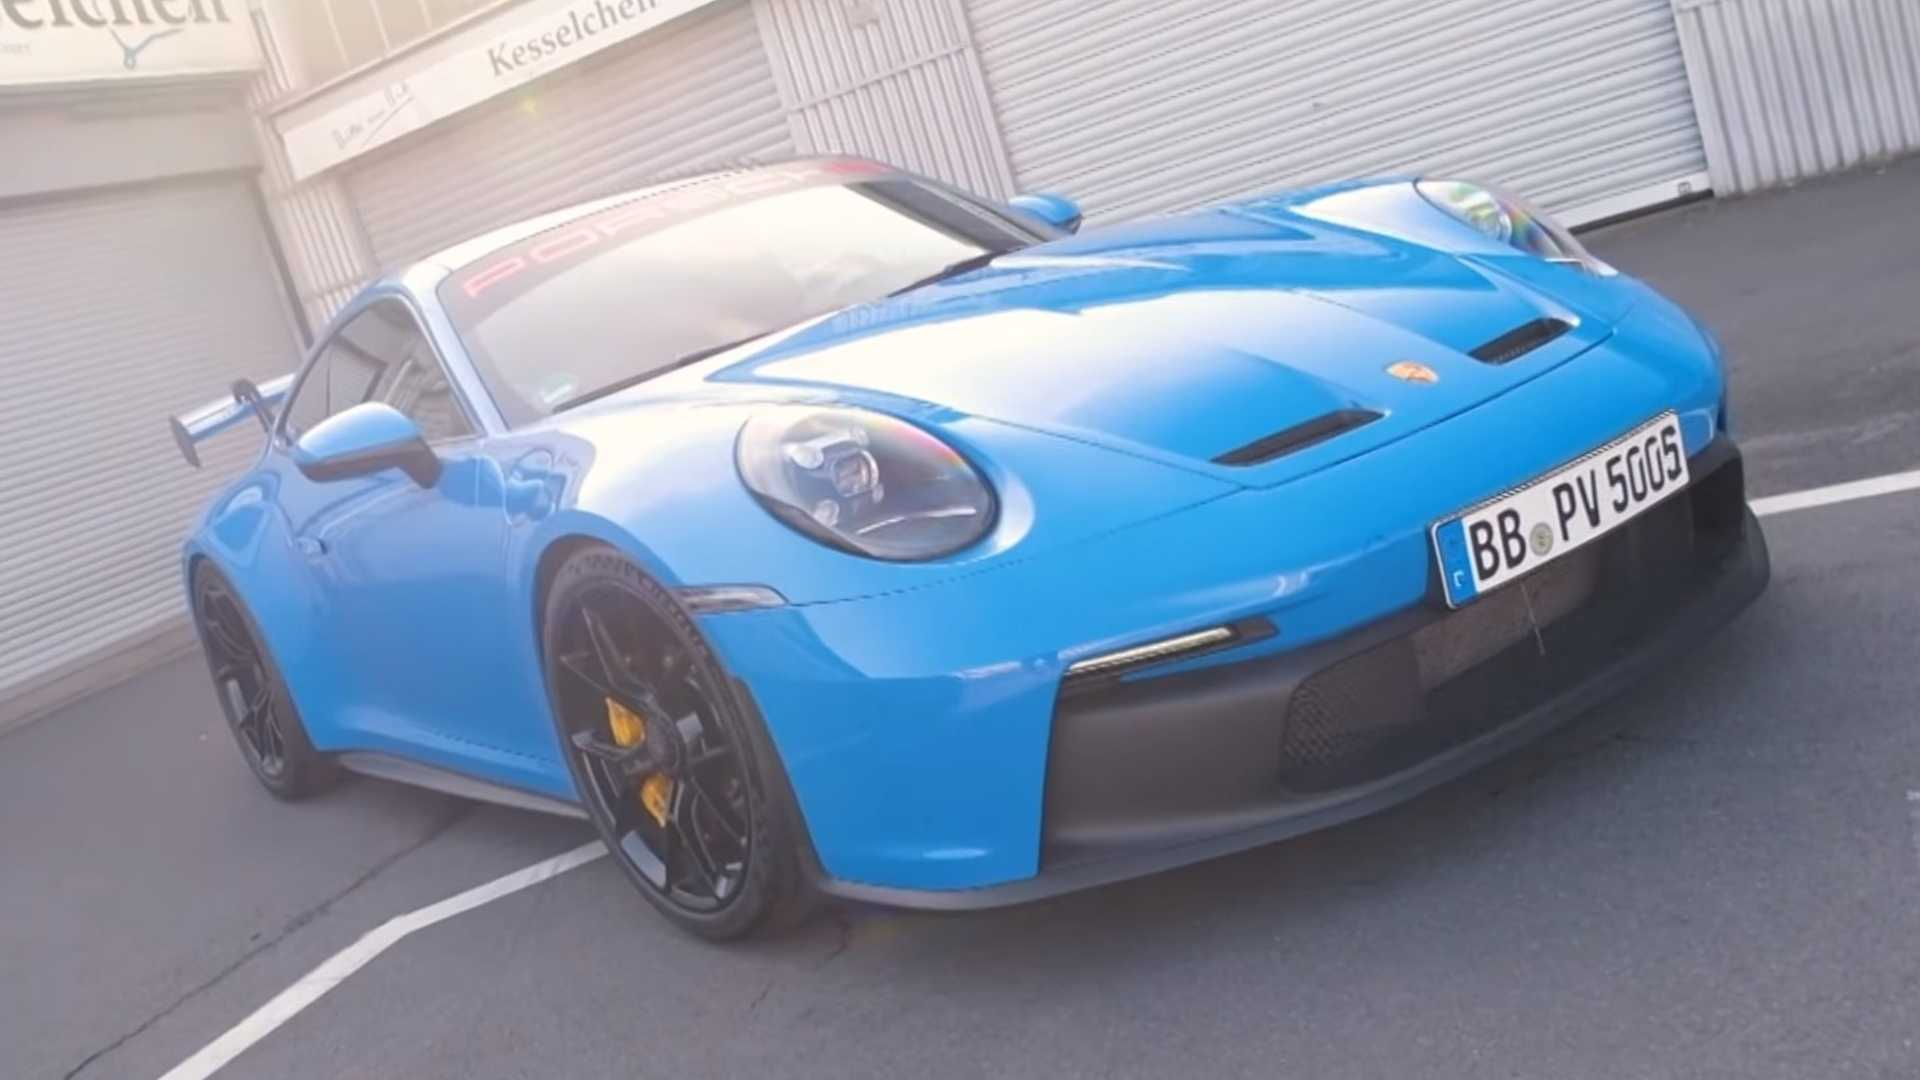 Journalist Driving 2022 Porsche 911 GT3 Laps Nurburgring In 7:04